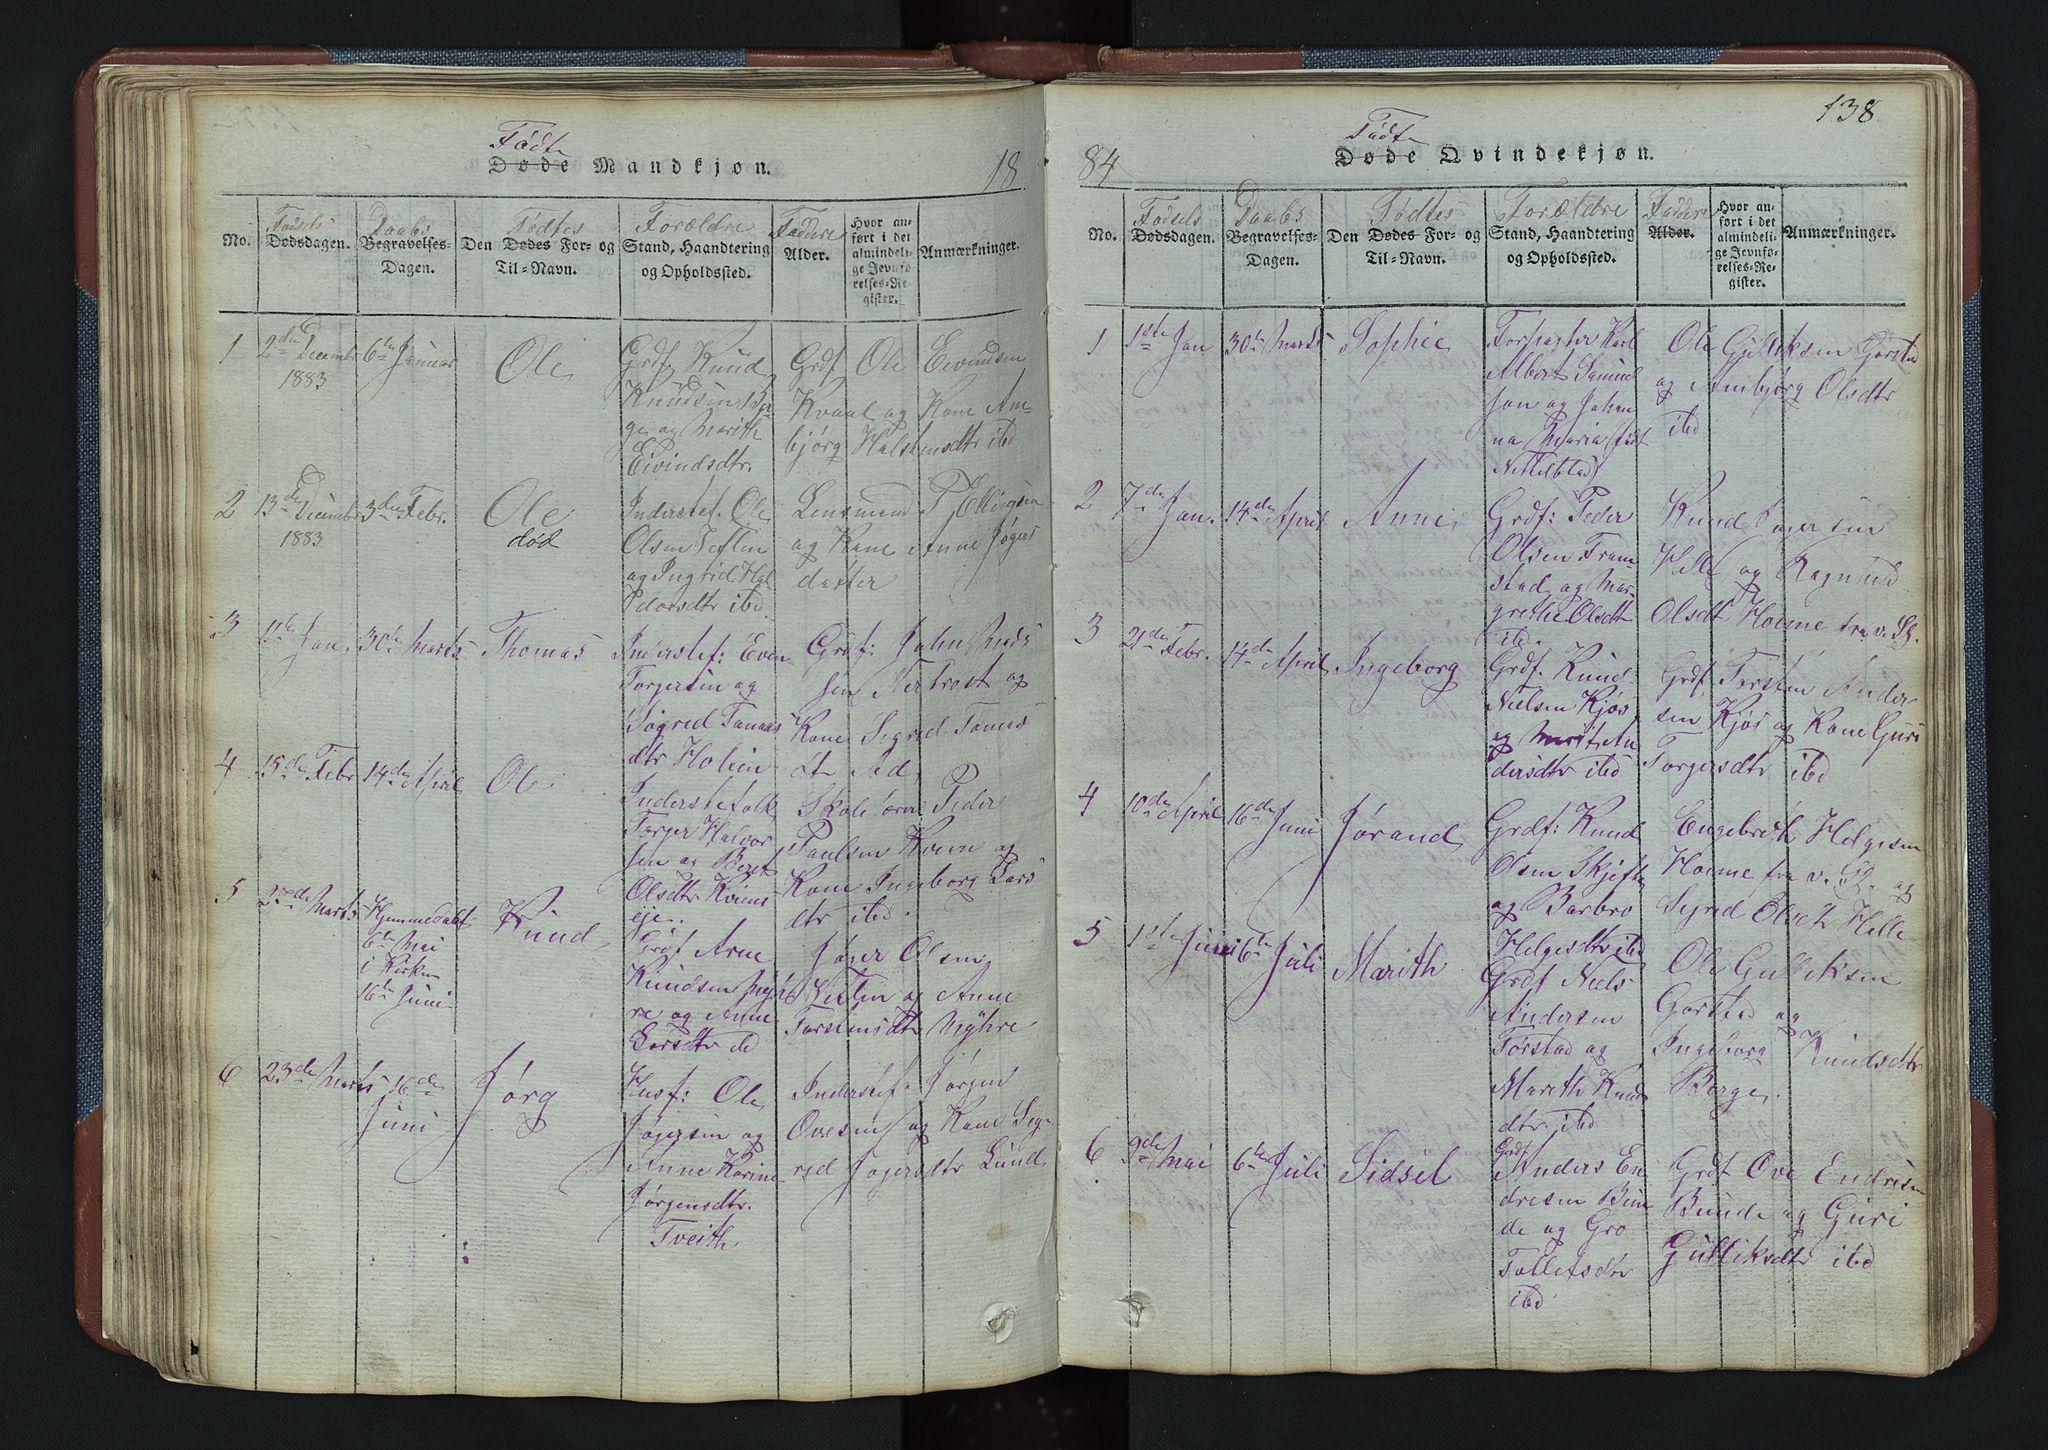 SAH, Vang prestekontor, Valdres, Klokkerbok nr. 3, 1814-1892, s. 138